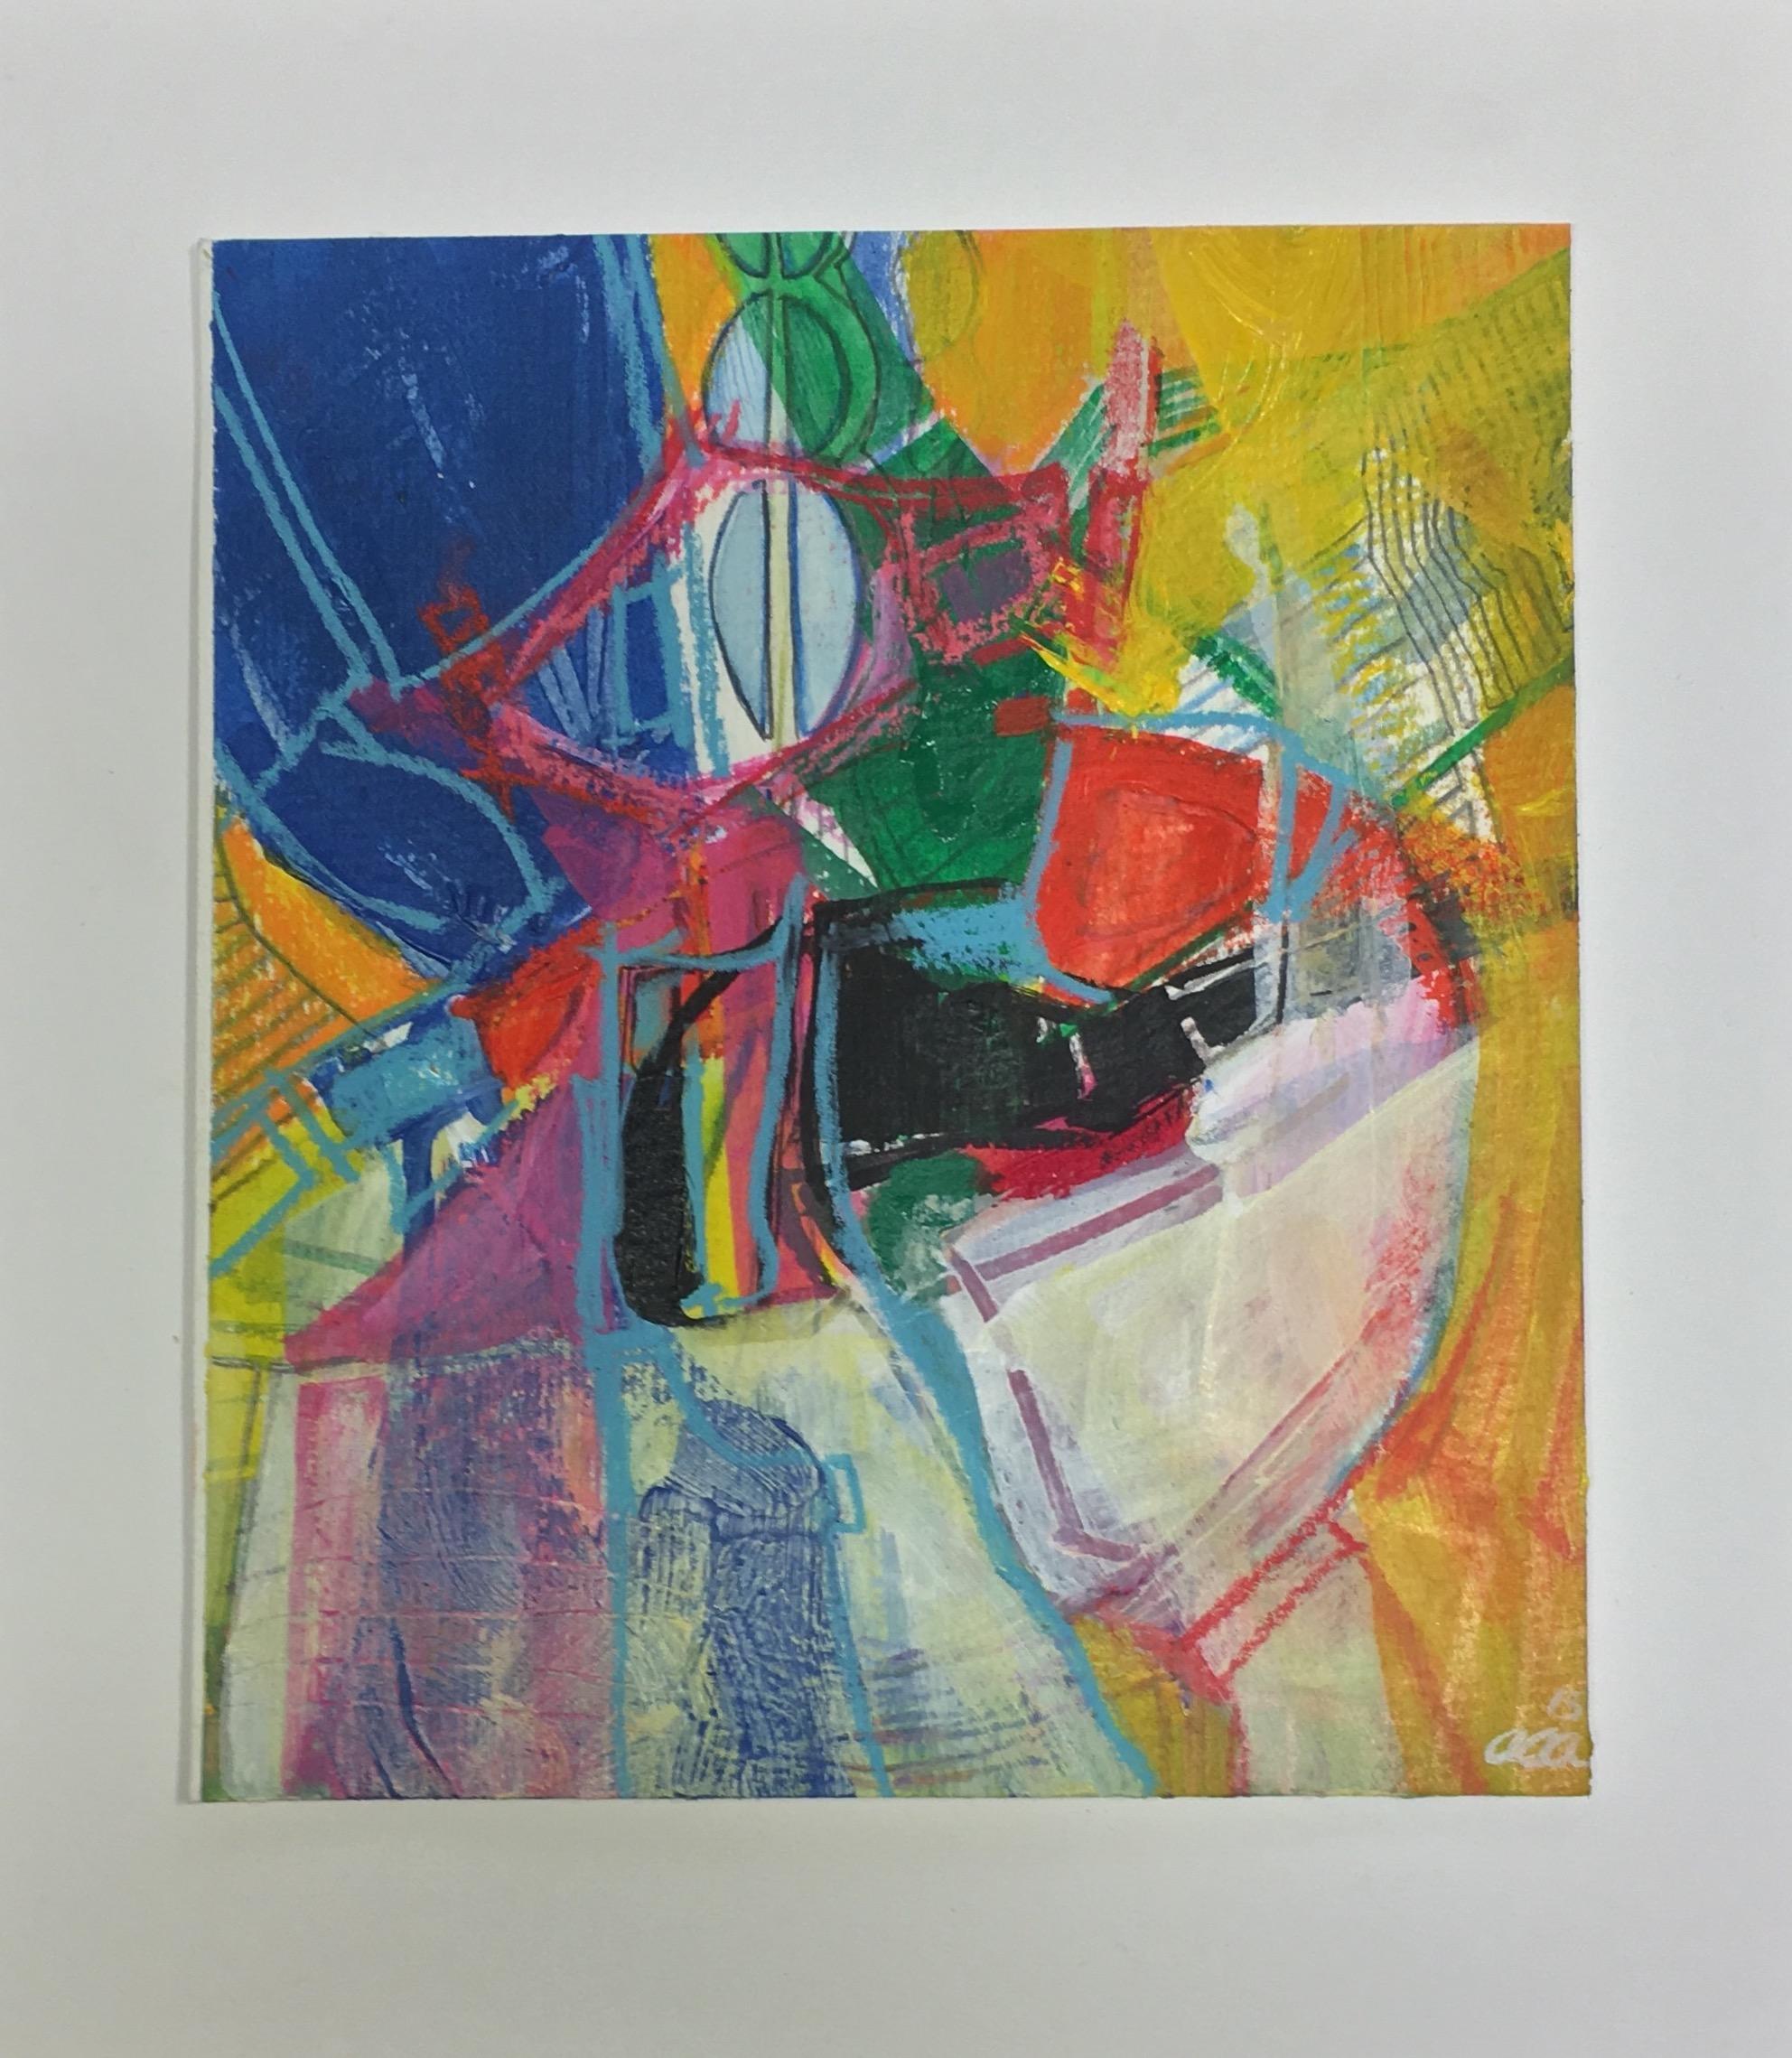 <b>Untitled Paper #1</b>